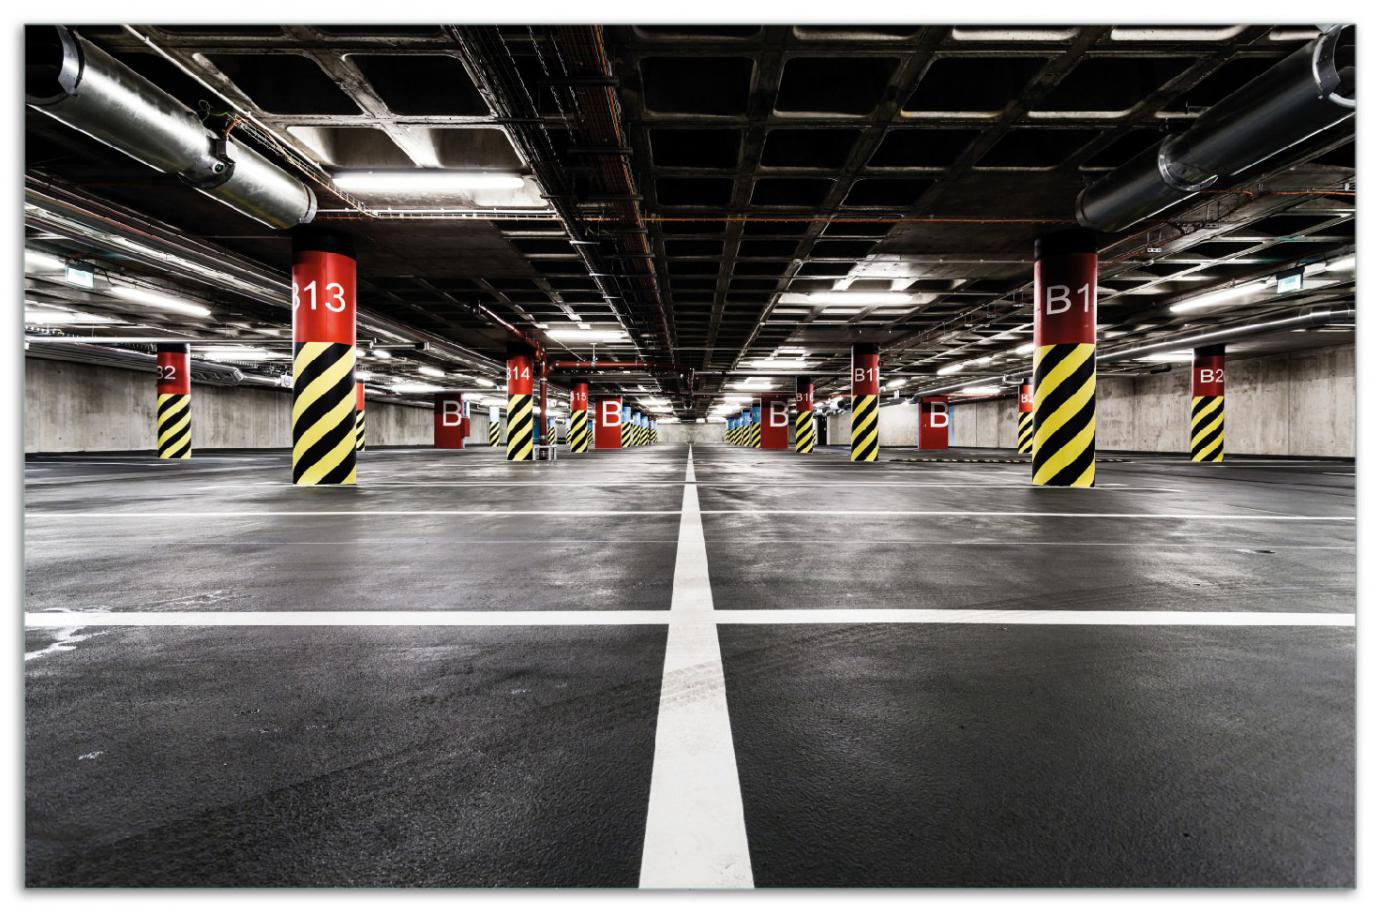 Herdabdeckplatte Perspektive von unten  leeres Parkhaus im Untergrund – Bild 1